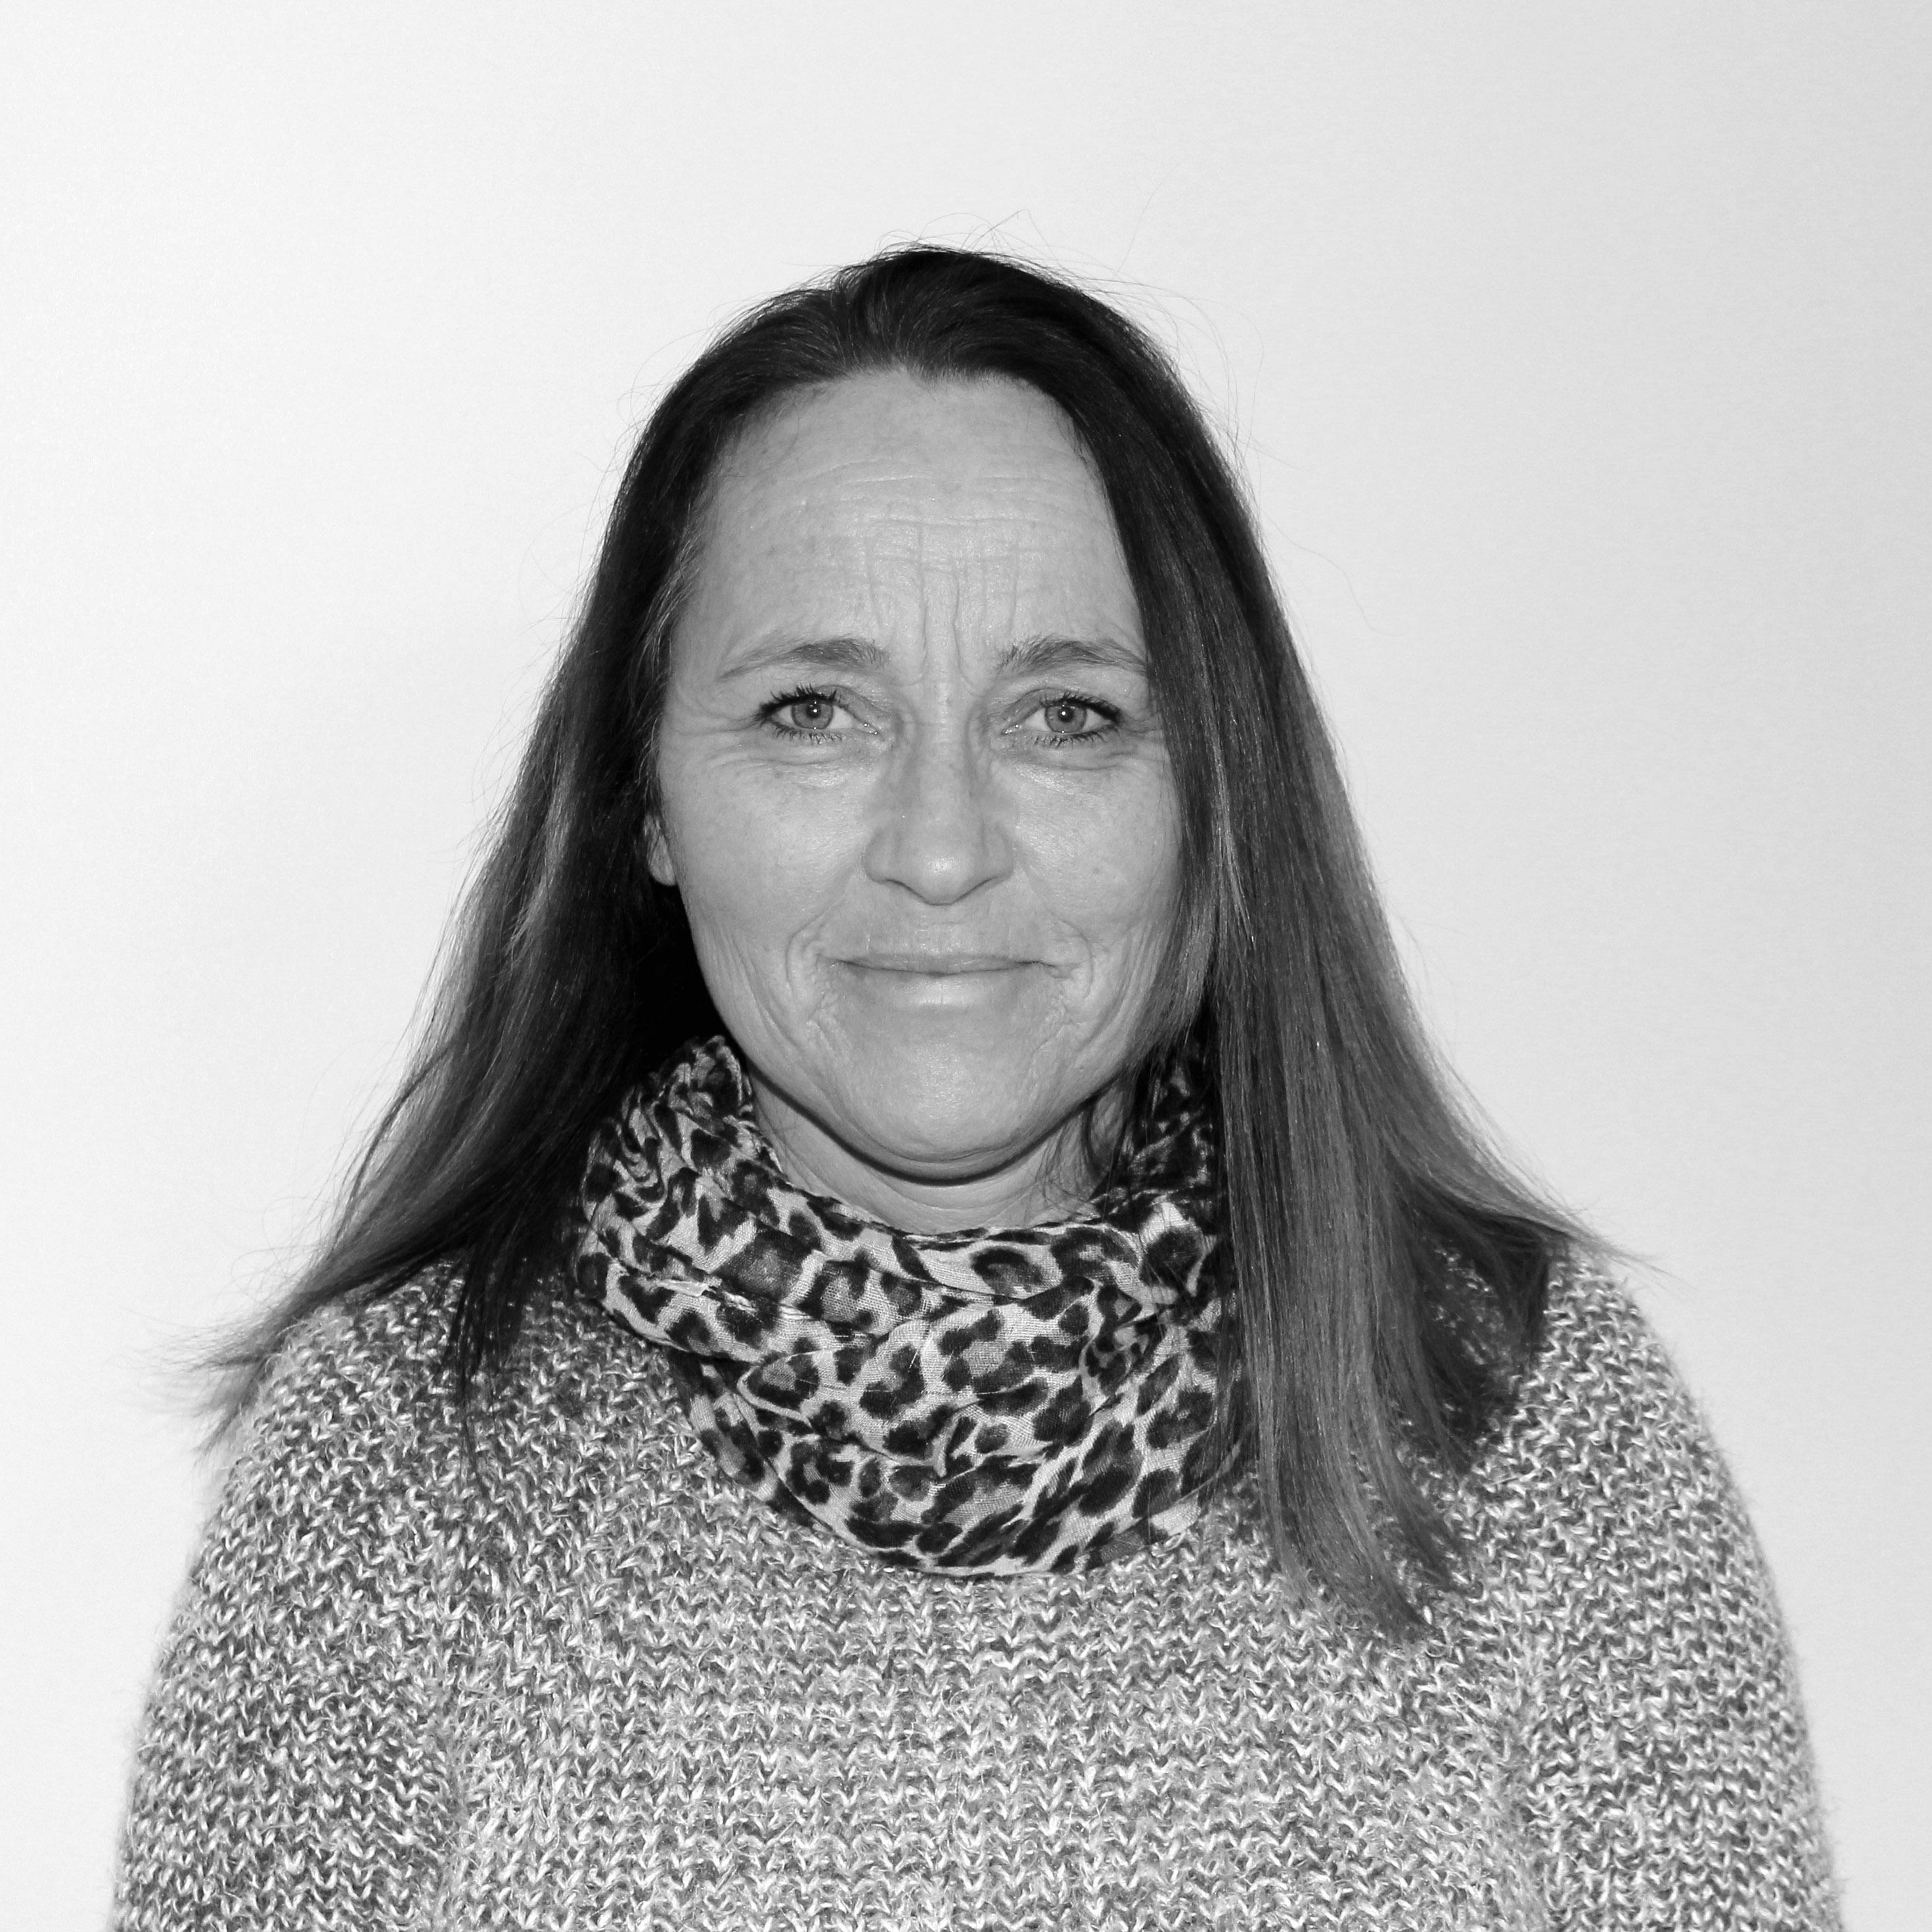 Kari Lise Gregersen